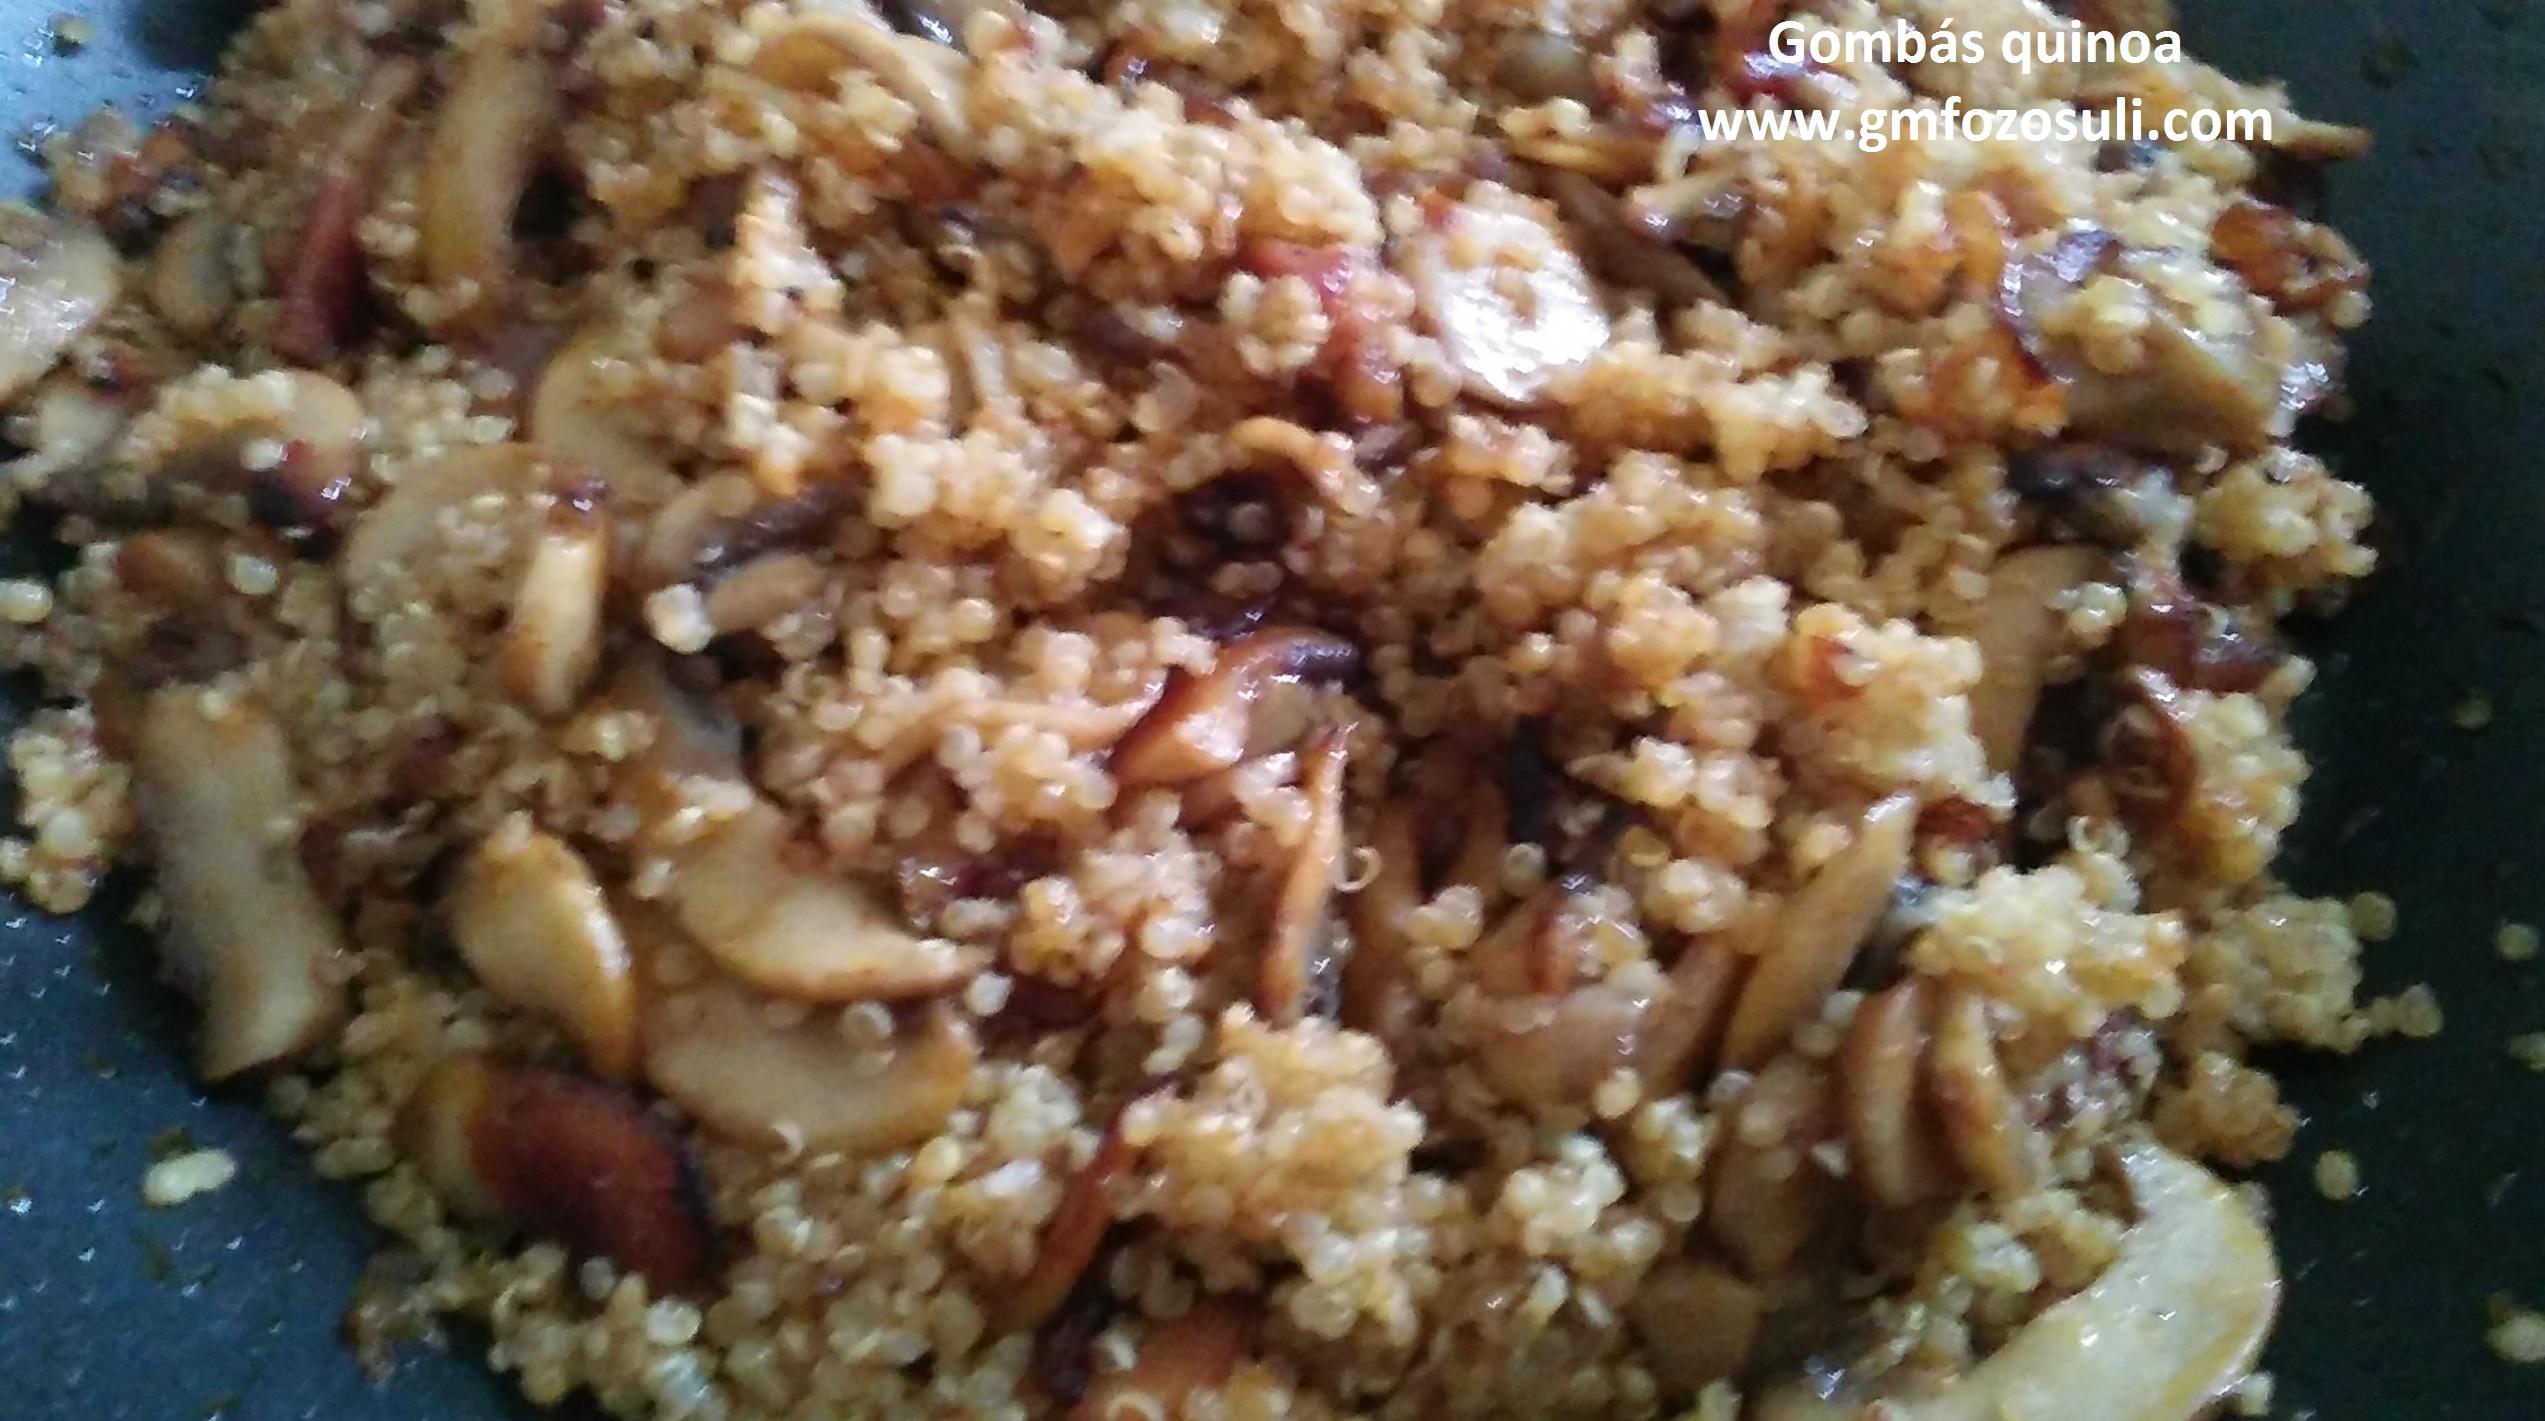 Tejszínes-gombás quinoa